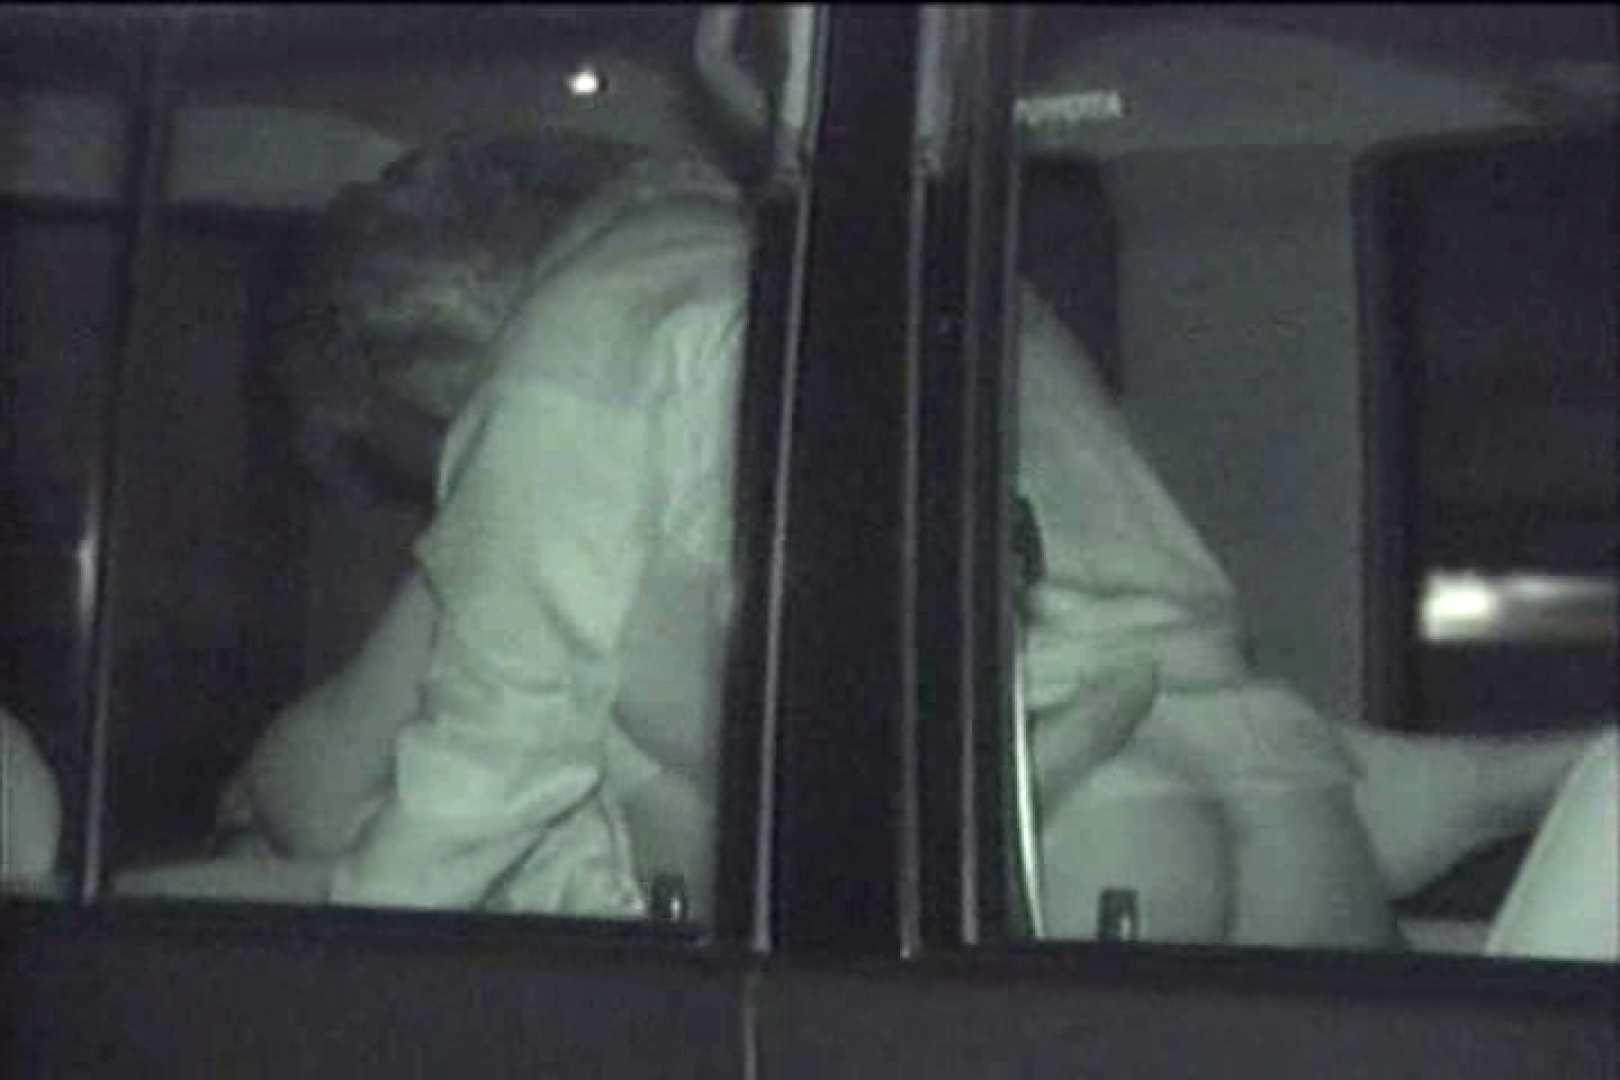 車の中はラブホテル 無修正版  Vol.16 盗撮 ヌード画像 86PIX 68